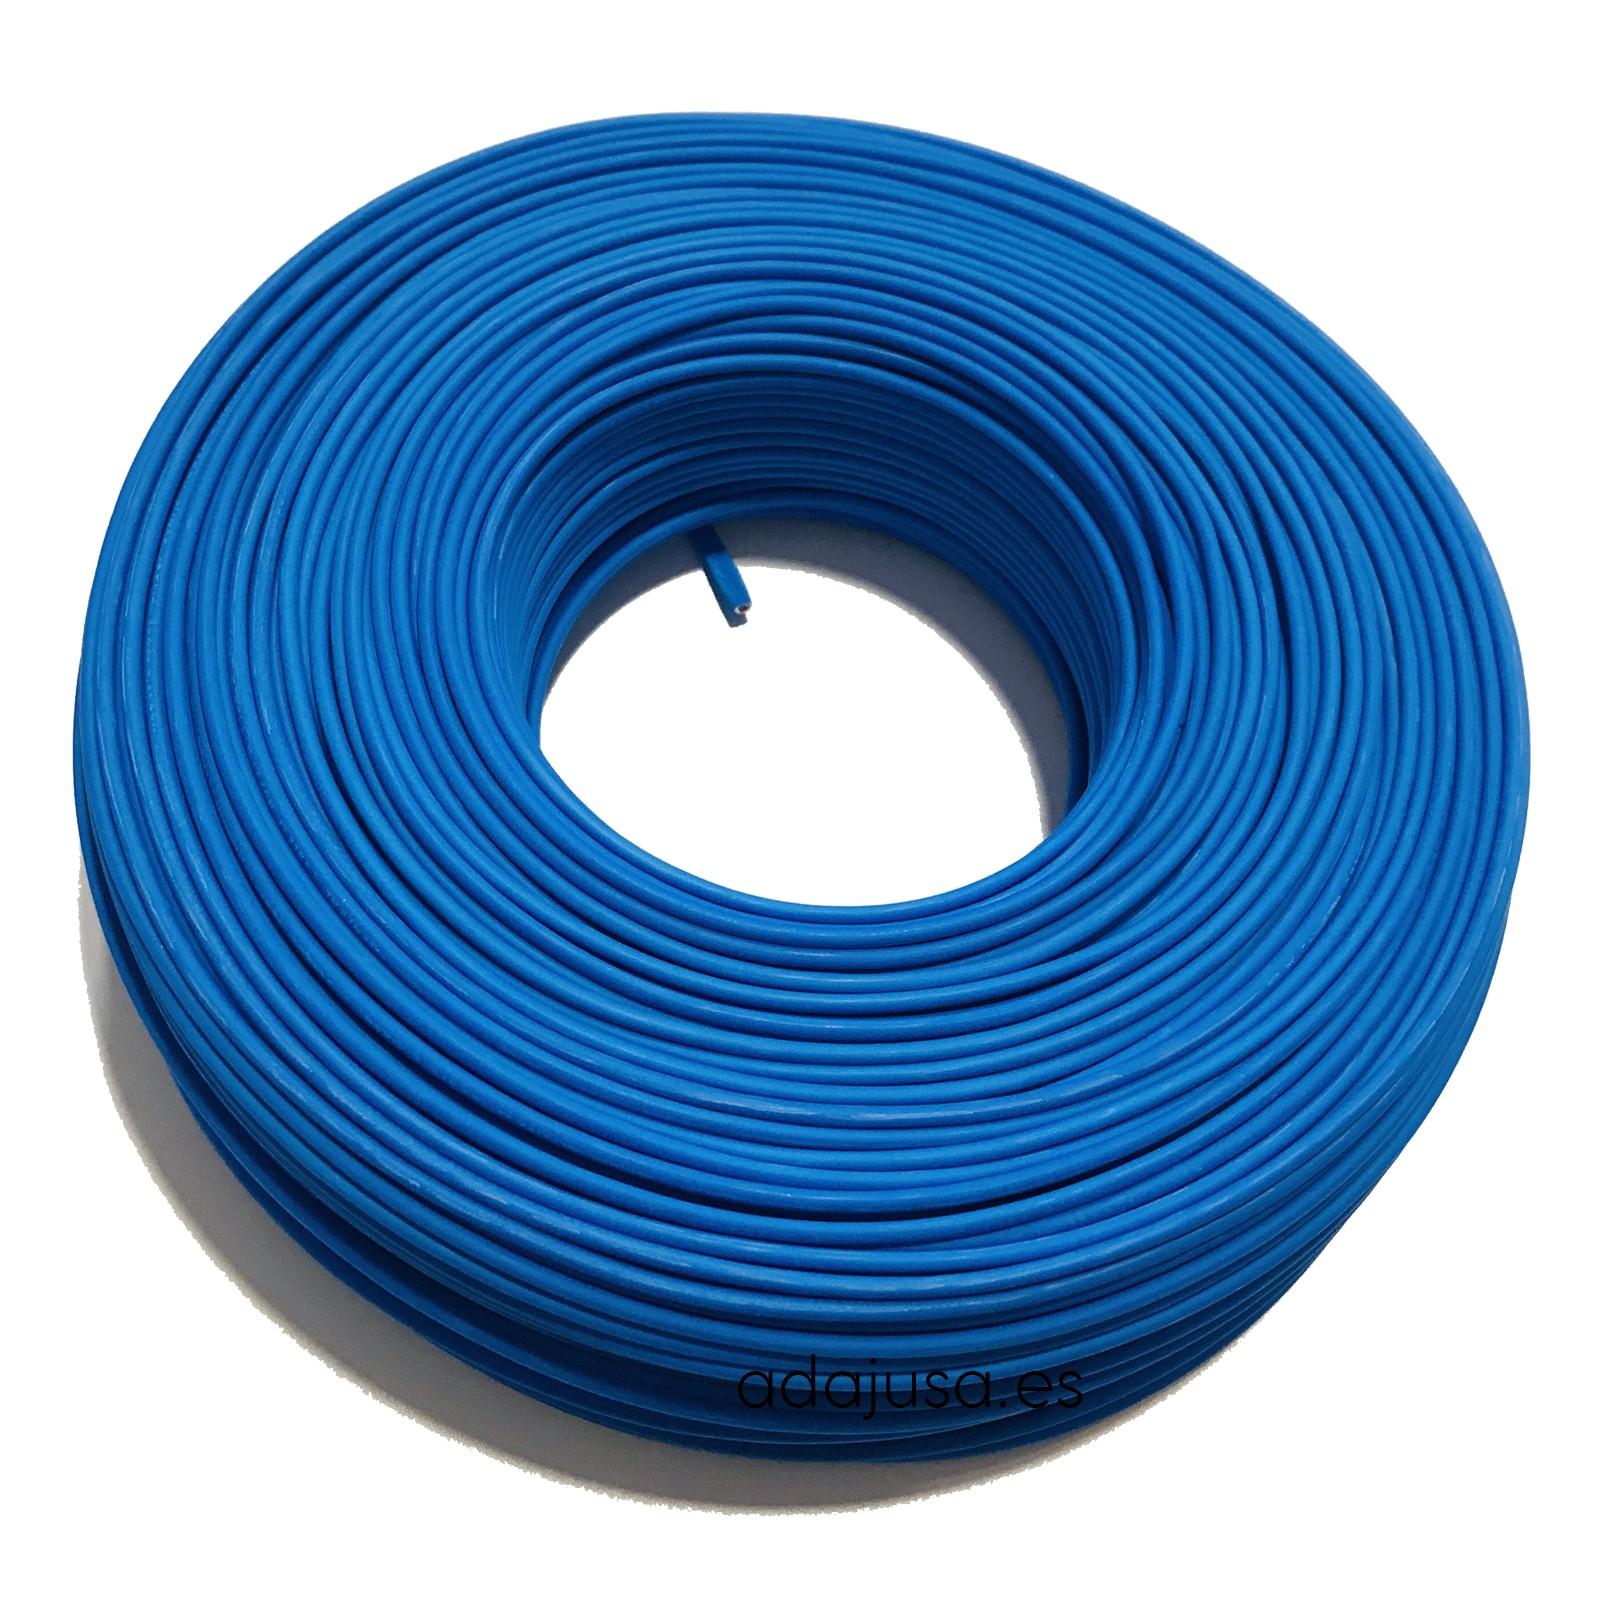 Flexible cable 4 mm2 unipolar blue color